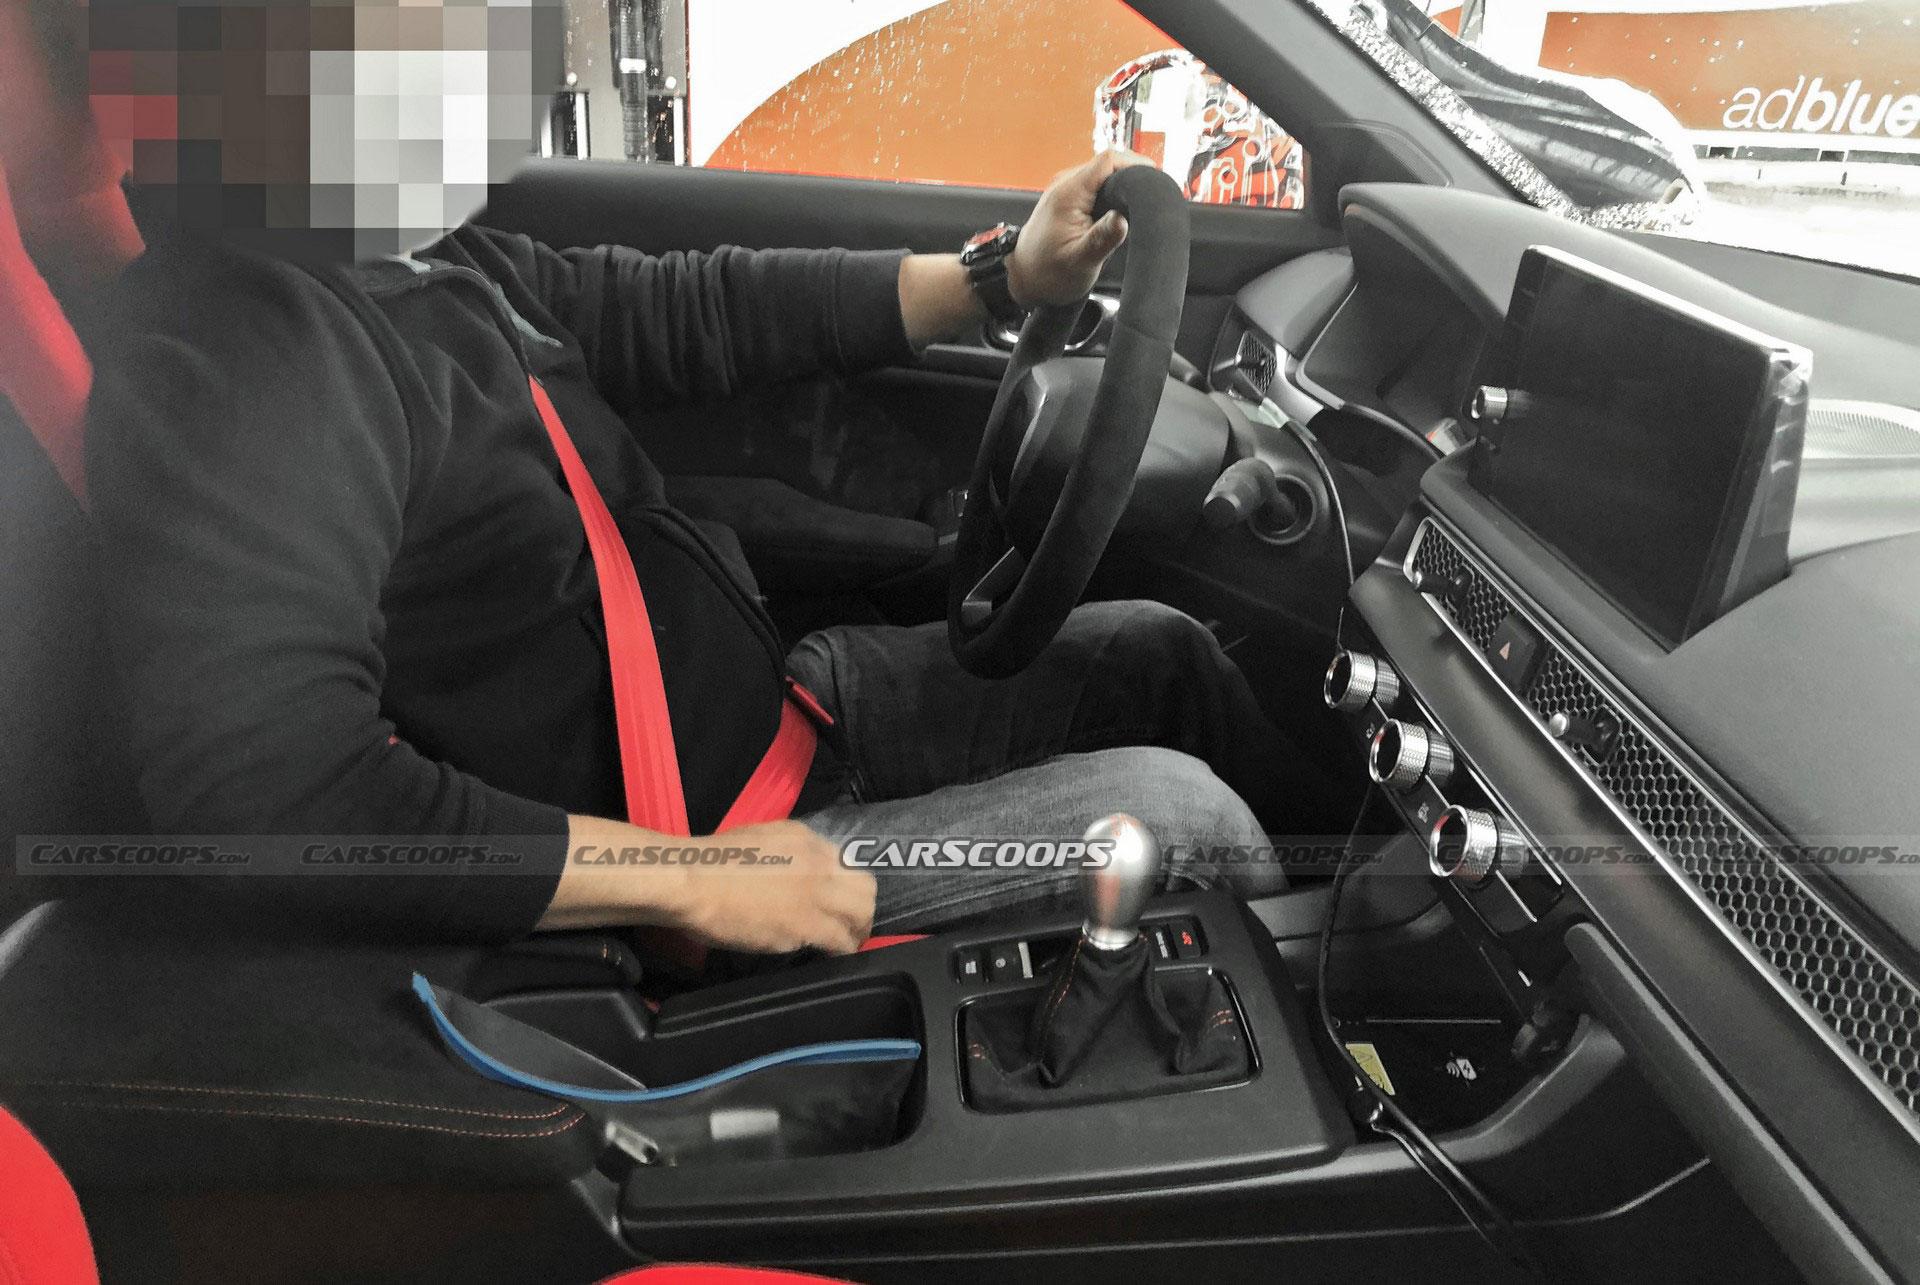 Шпионы впервые засняли интерьер «горячего хэтчбека» Honda Civic Type R нового поколения, дебют которого ещё не состоялся. Судя по фотографиям, автомобиль получит отделку из алькантары и сиденья с развитой боковой поддержкой и интегрированными подголовниками.